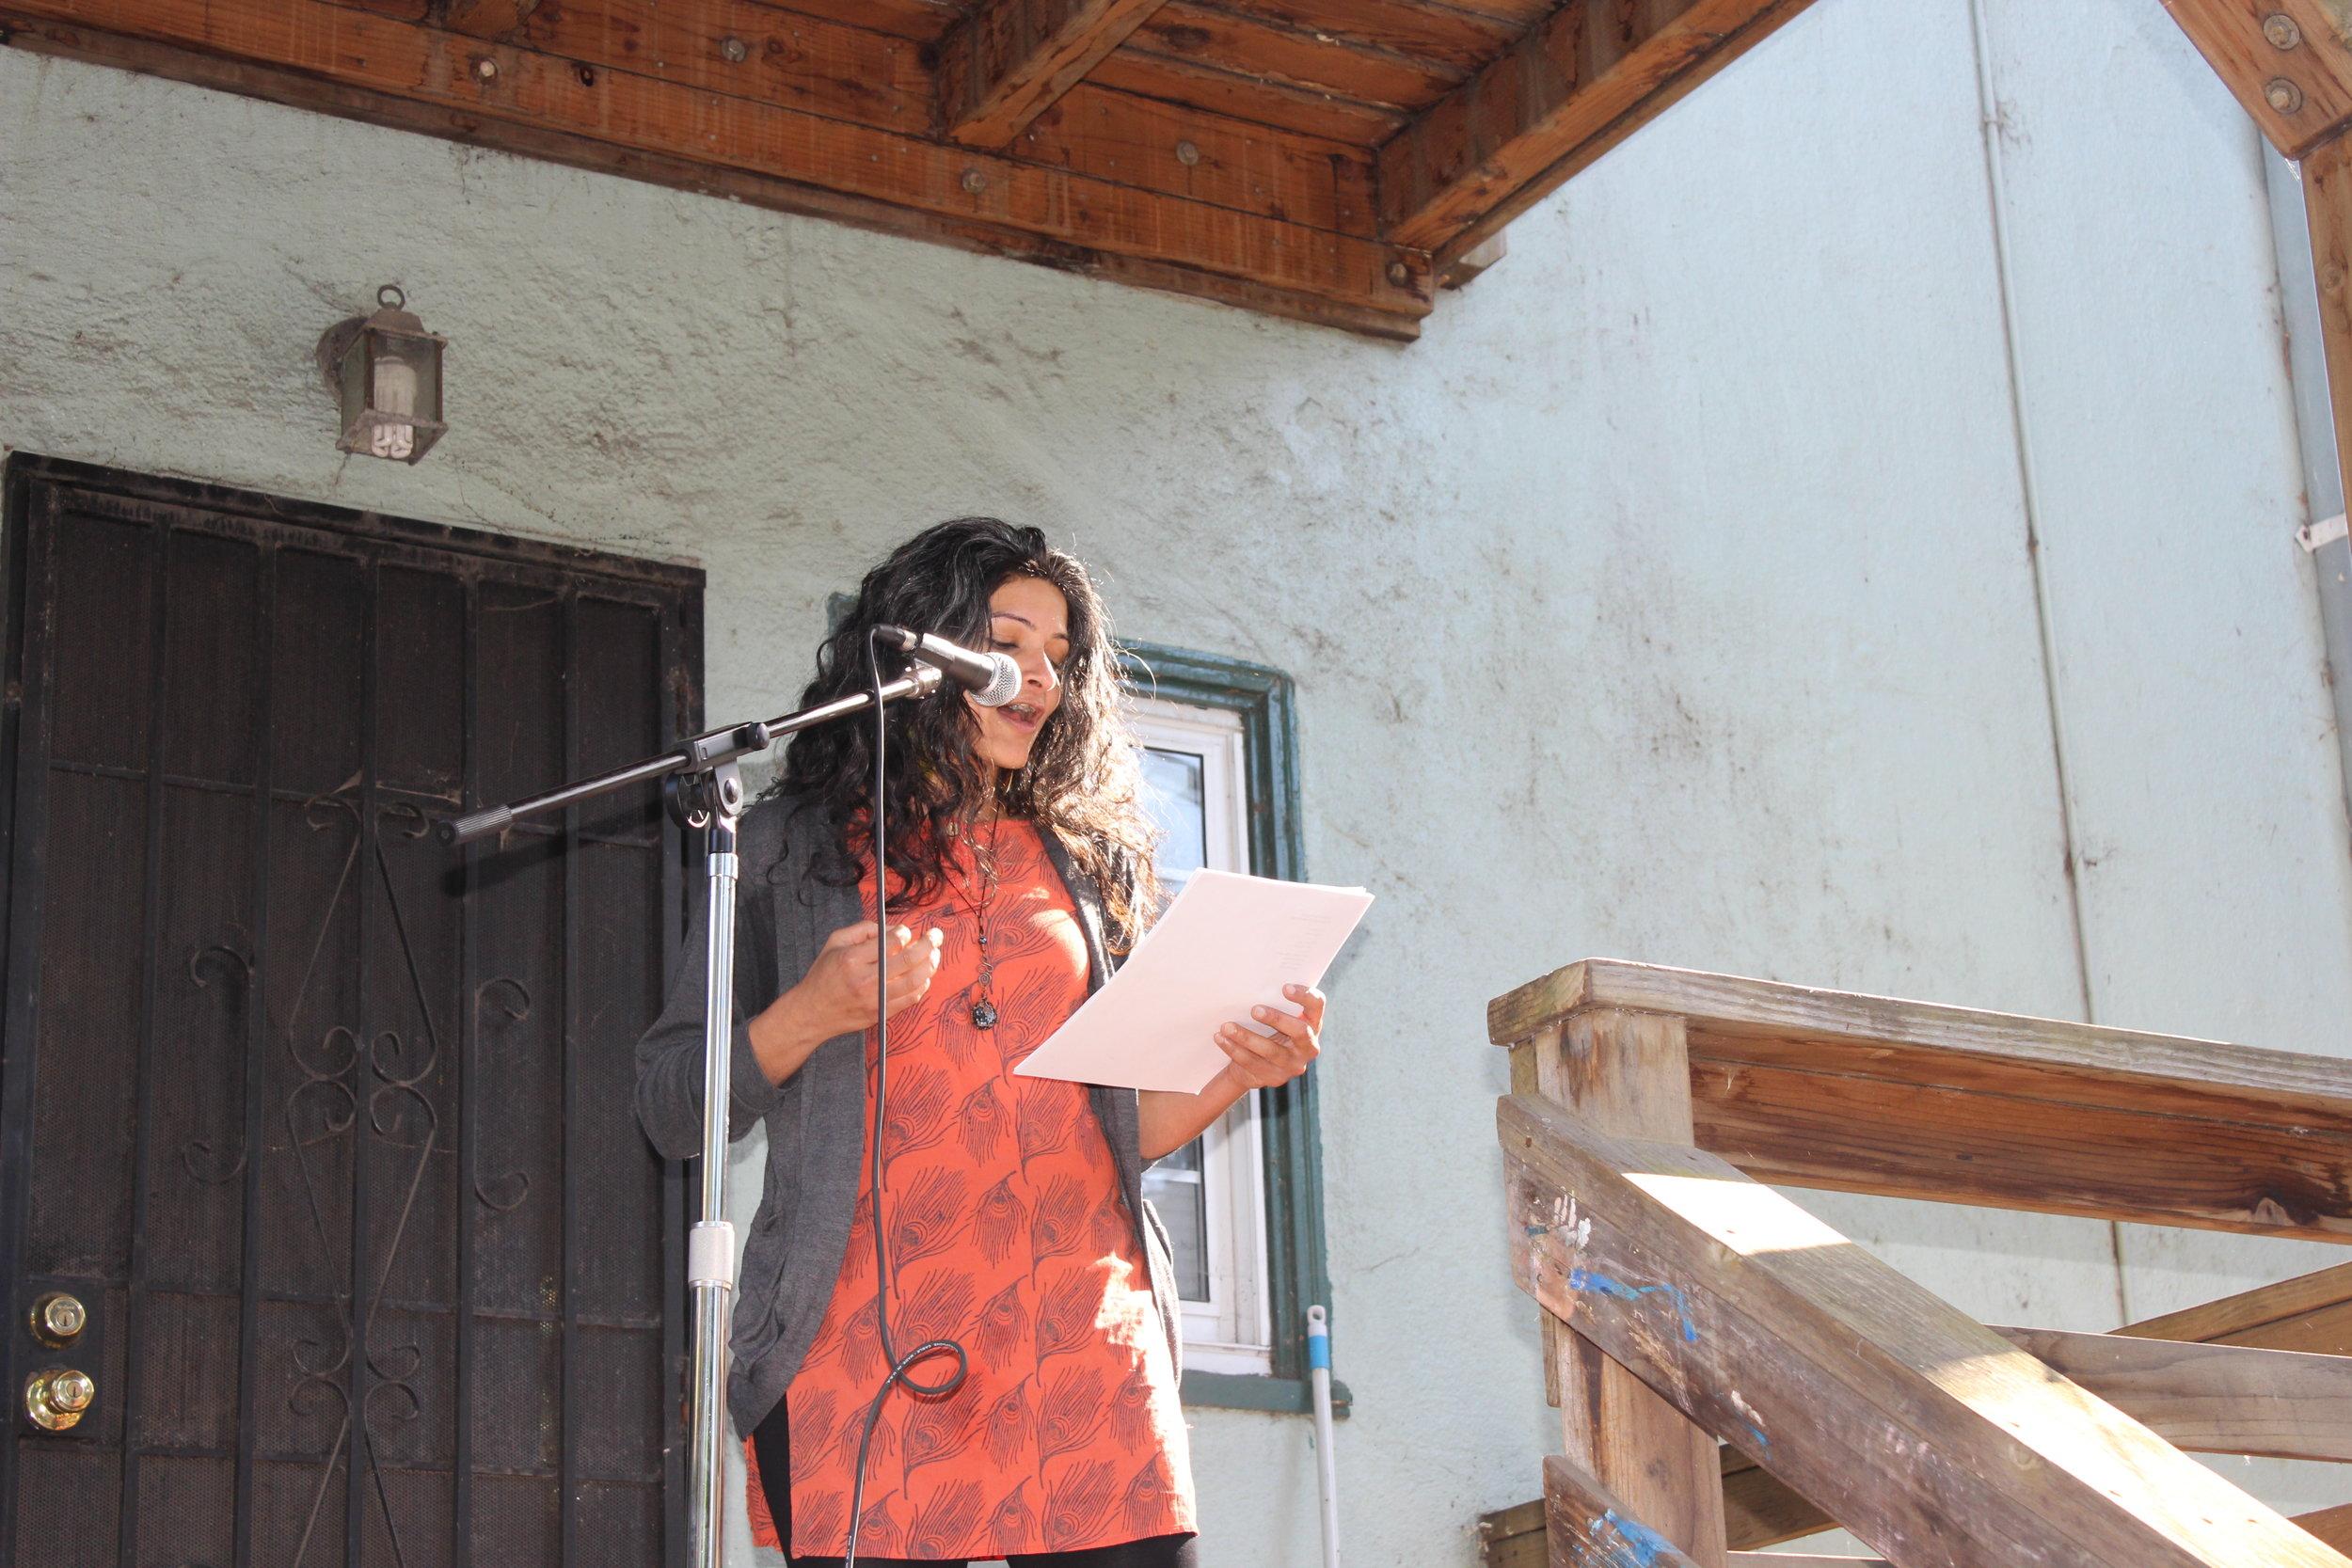 Monica Mody reads in the oak center neighborhood of West Oakland on june 1st 2019